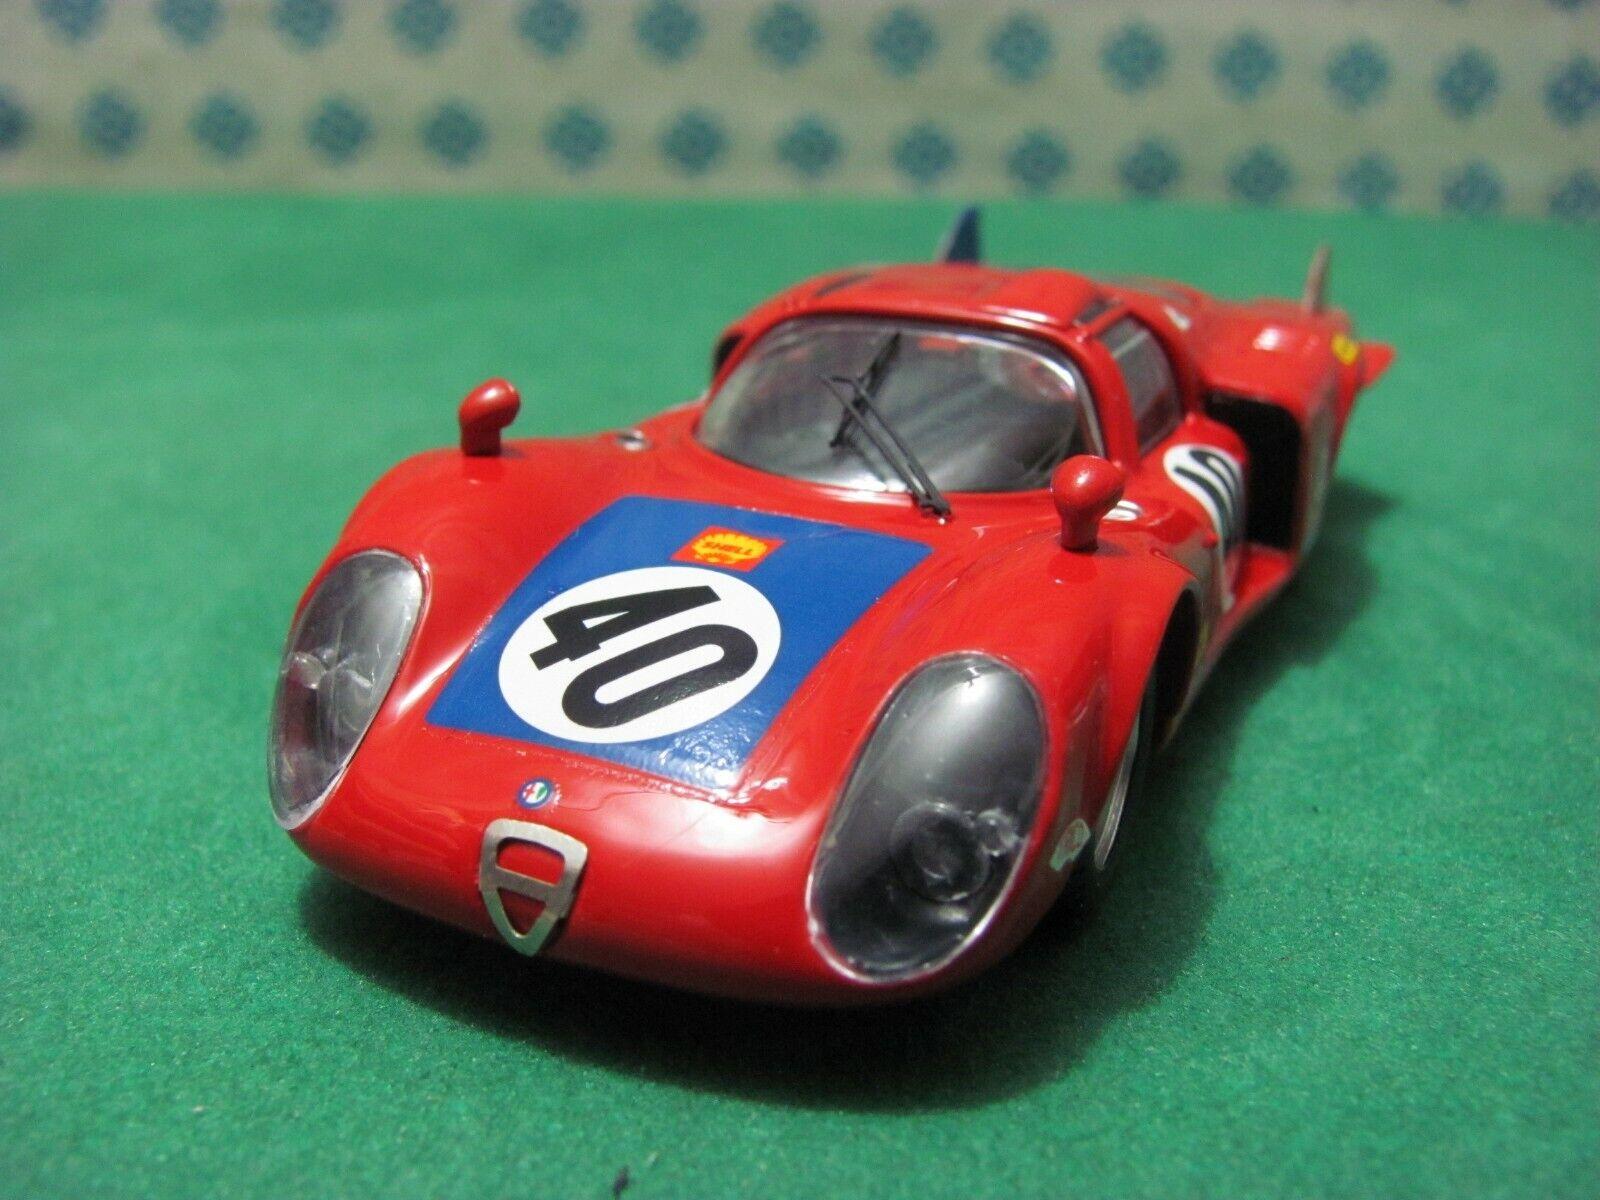 Alfa romeo 33 2 LM coupe 2000. Long Tail   LE hommeS 1968  - 1 43 Best 9255  bienvenue pour acheter